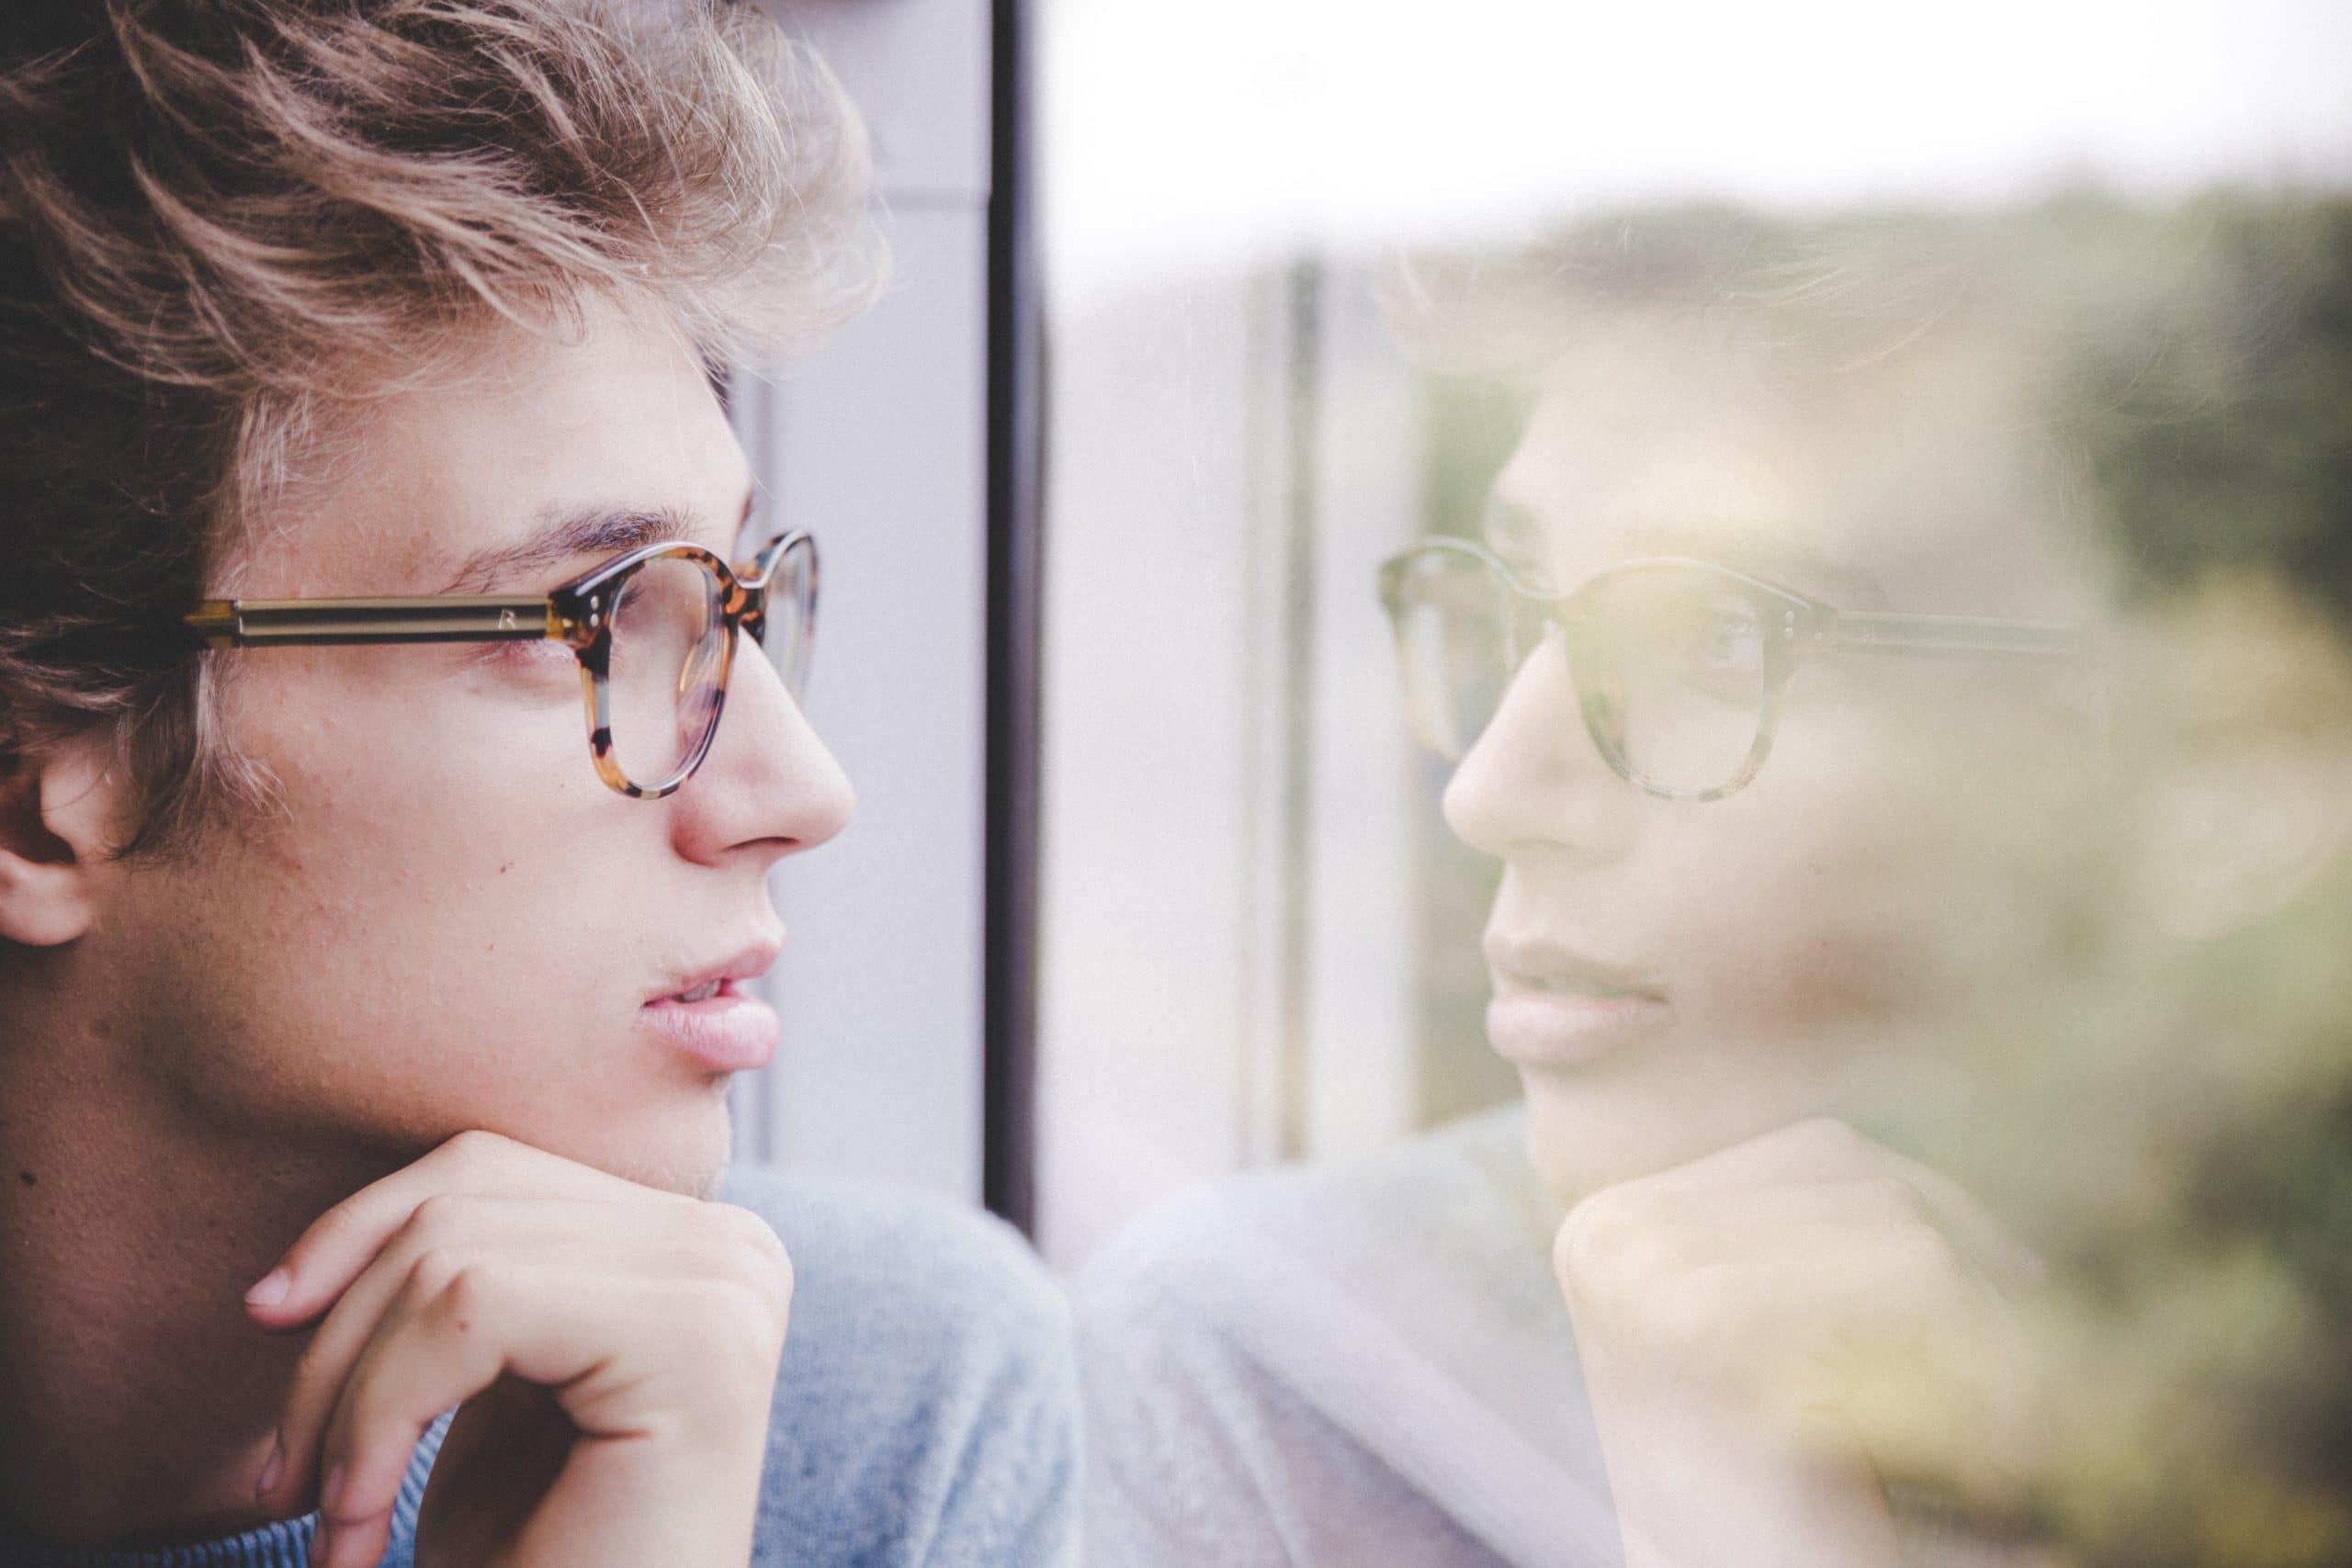 Rapaz olhando em janela com seu rosto refletido